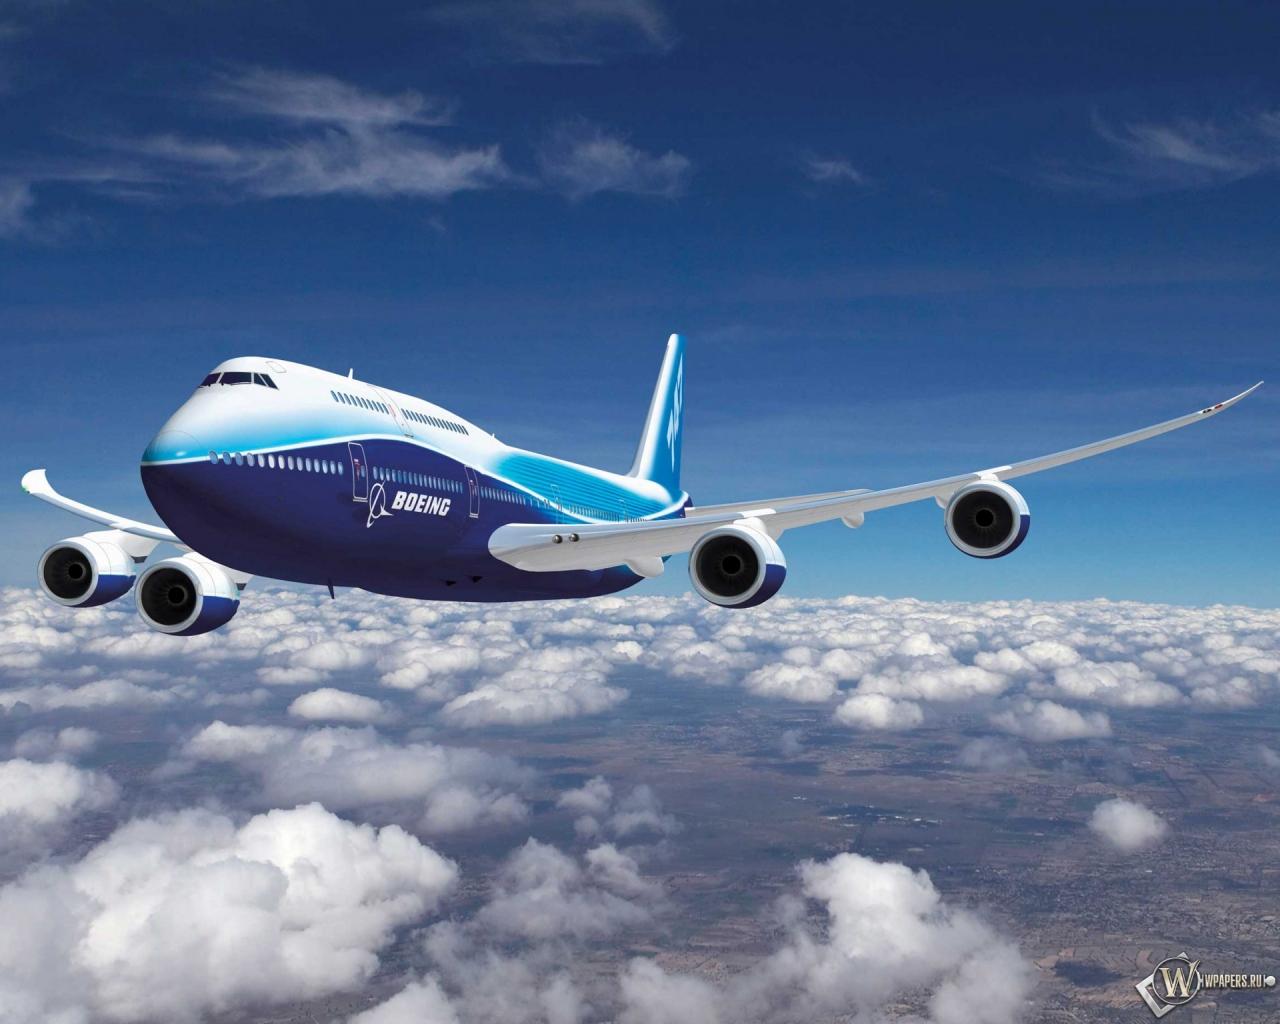 Boeing-747 1280x1024